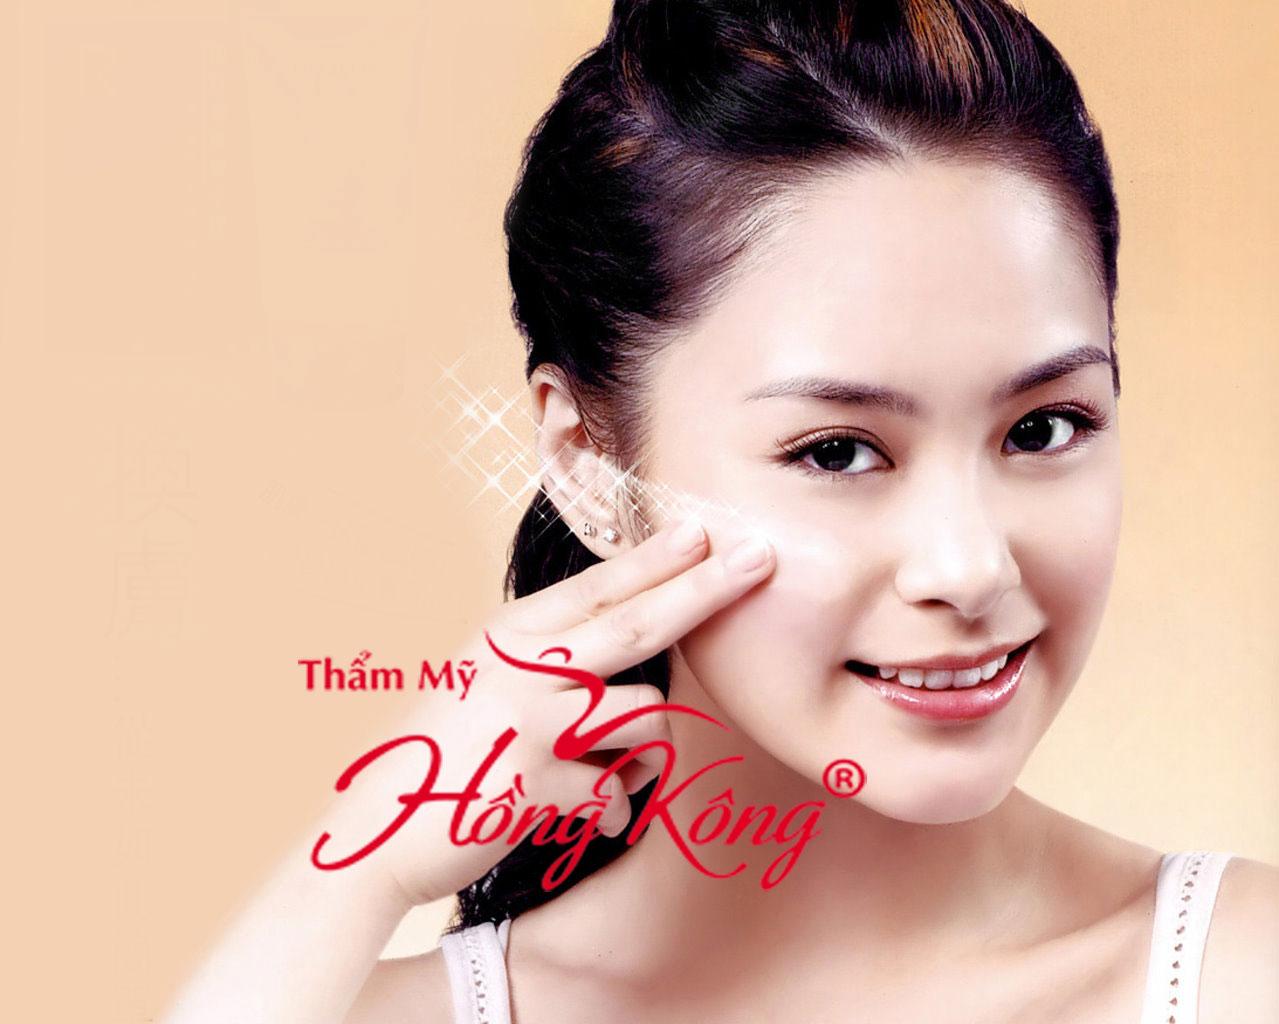 tri-seo-tham-mun-hieu-qua-bang-cach-nao